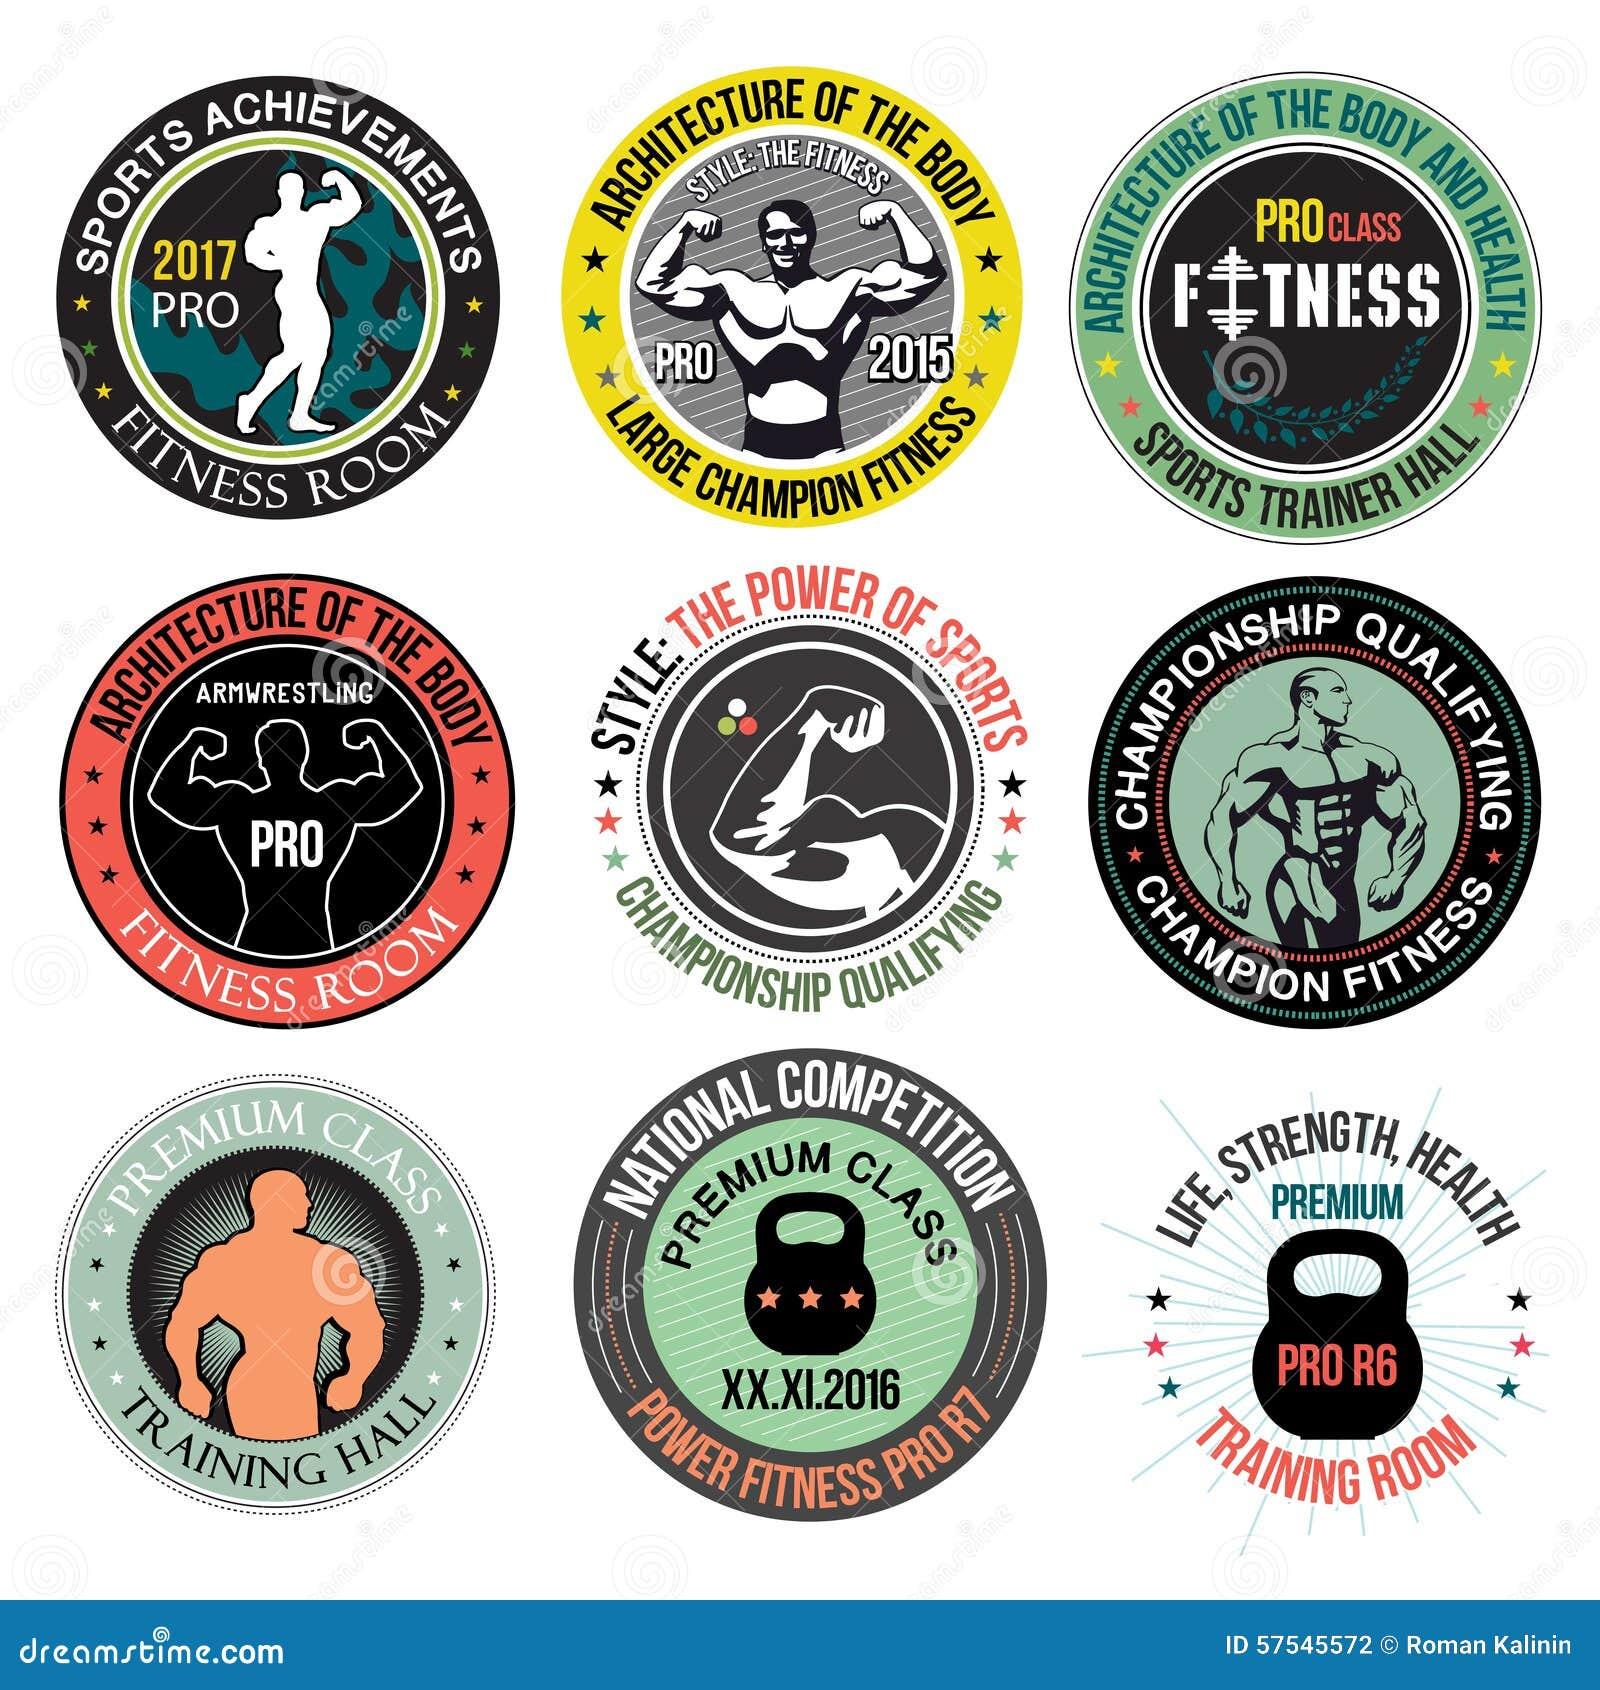 Gym Equipment Logo: Set Bodybuilding And Fitness Gym Logos, Emblems And Design